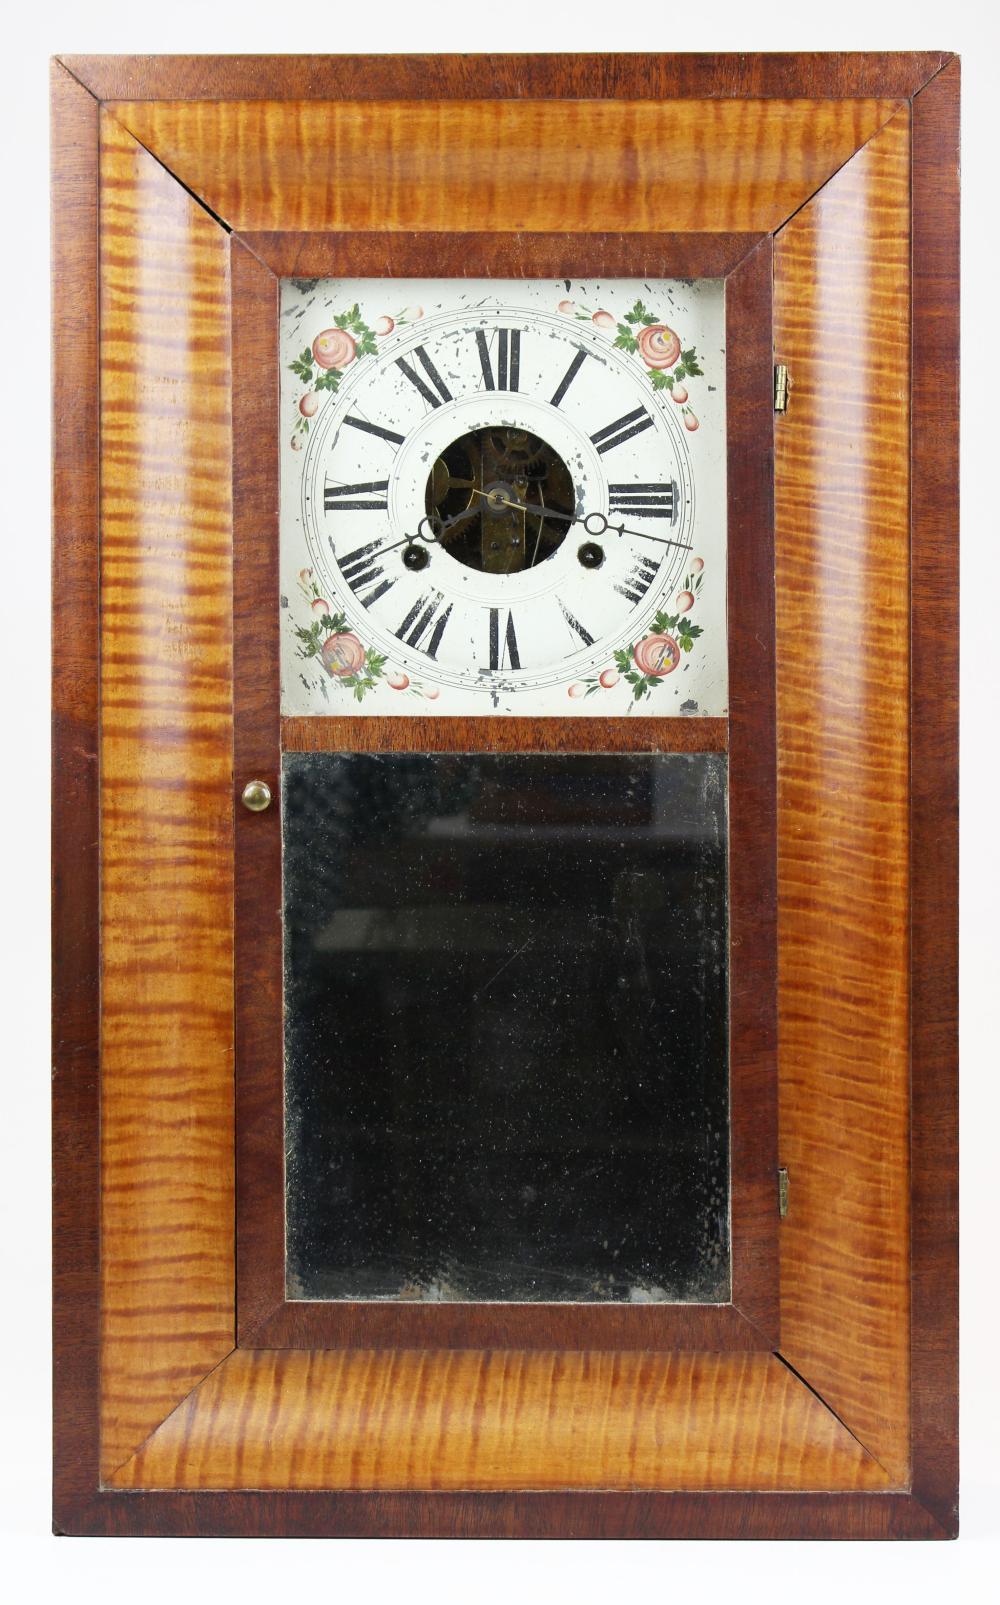 Atkins, Porter, & Co tiger maple shelf clock